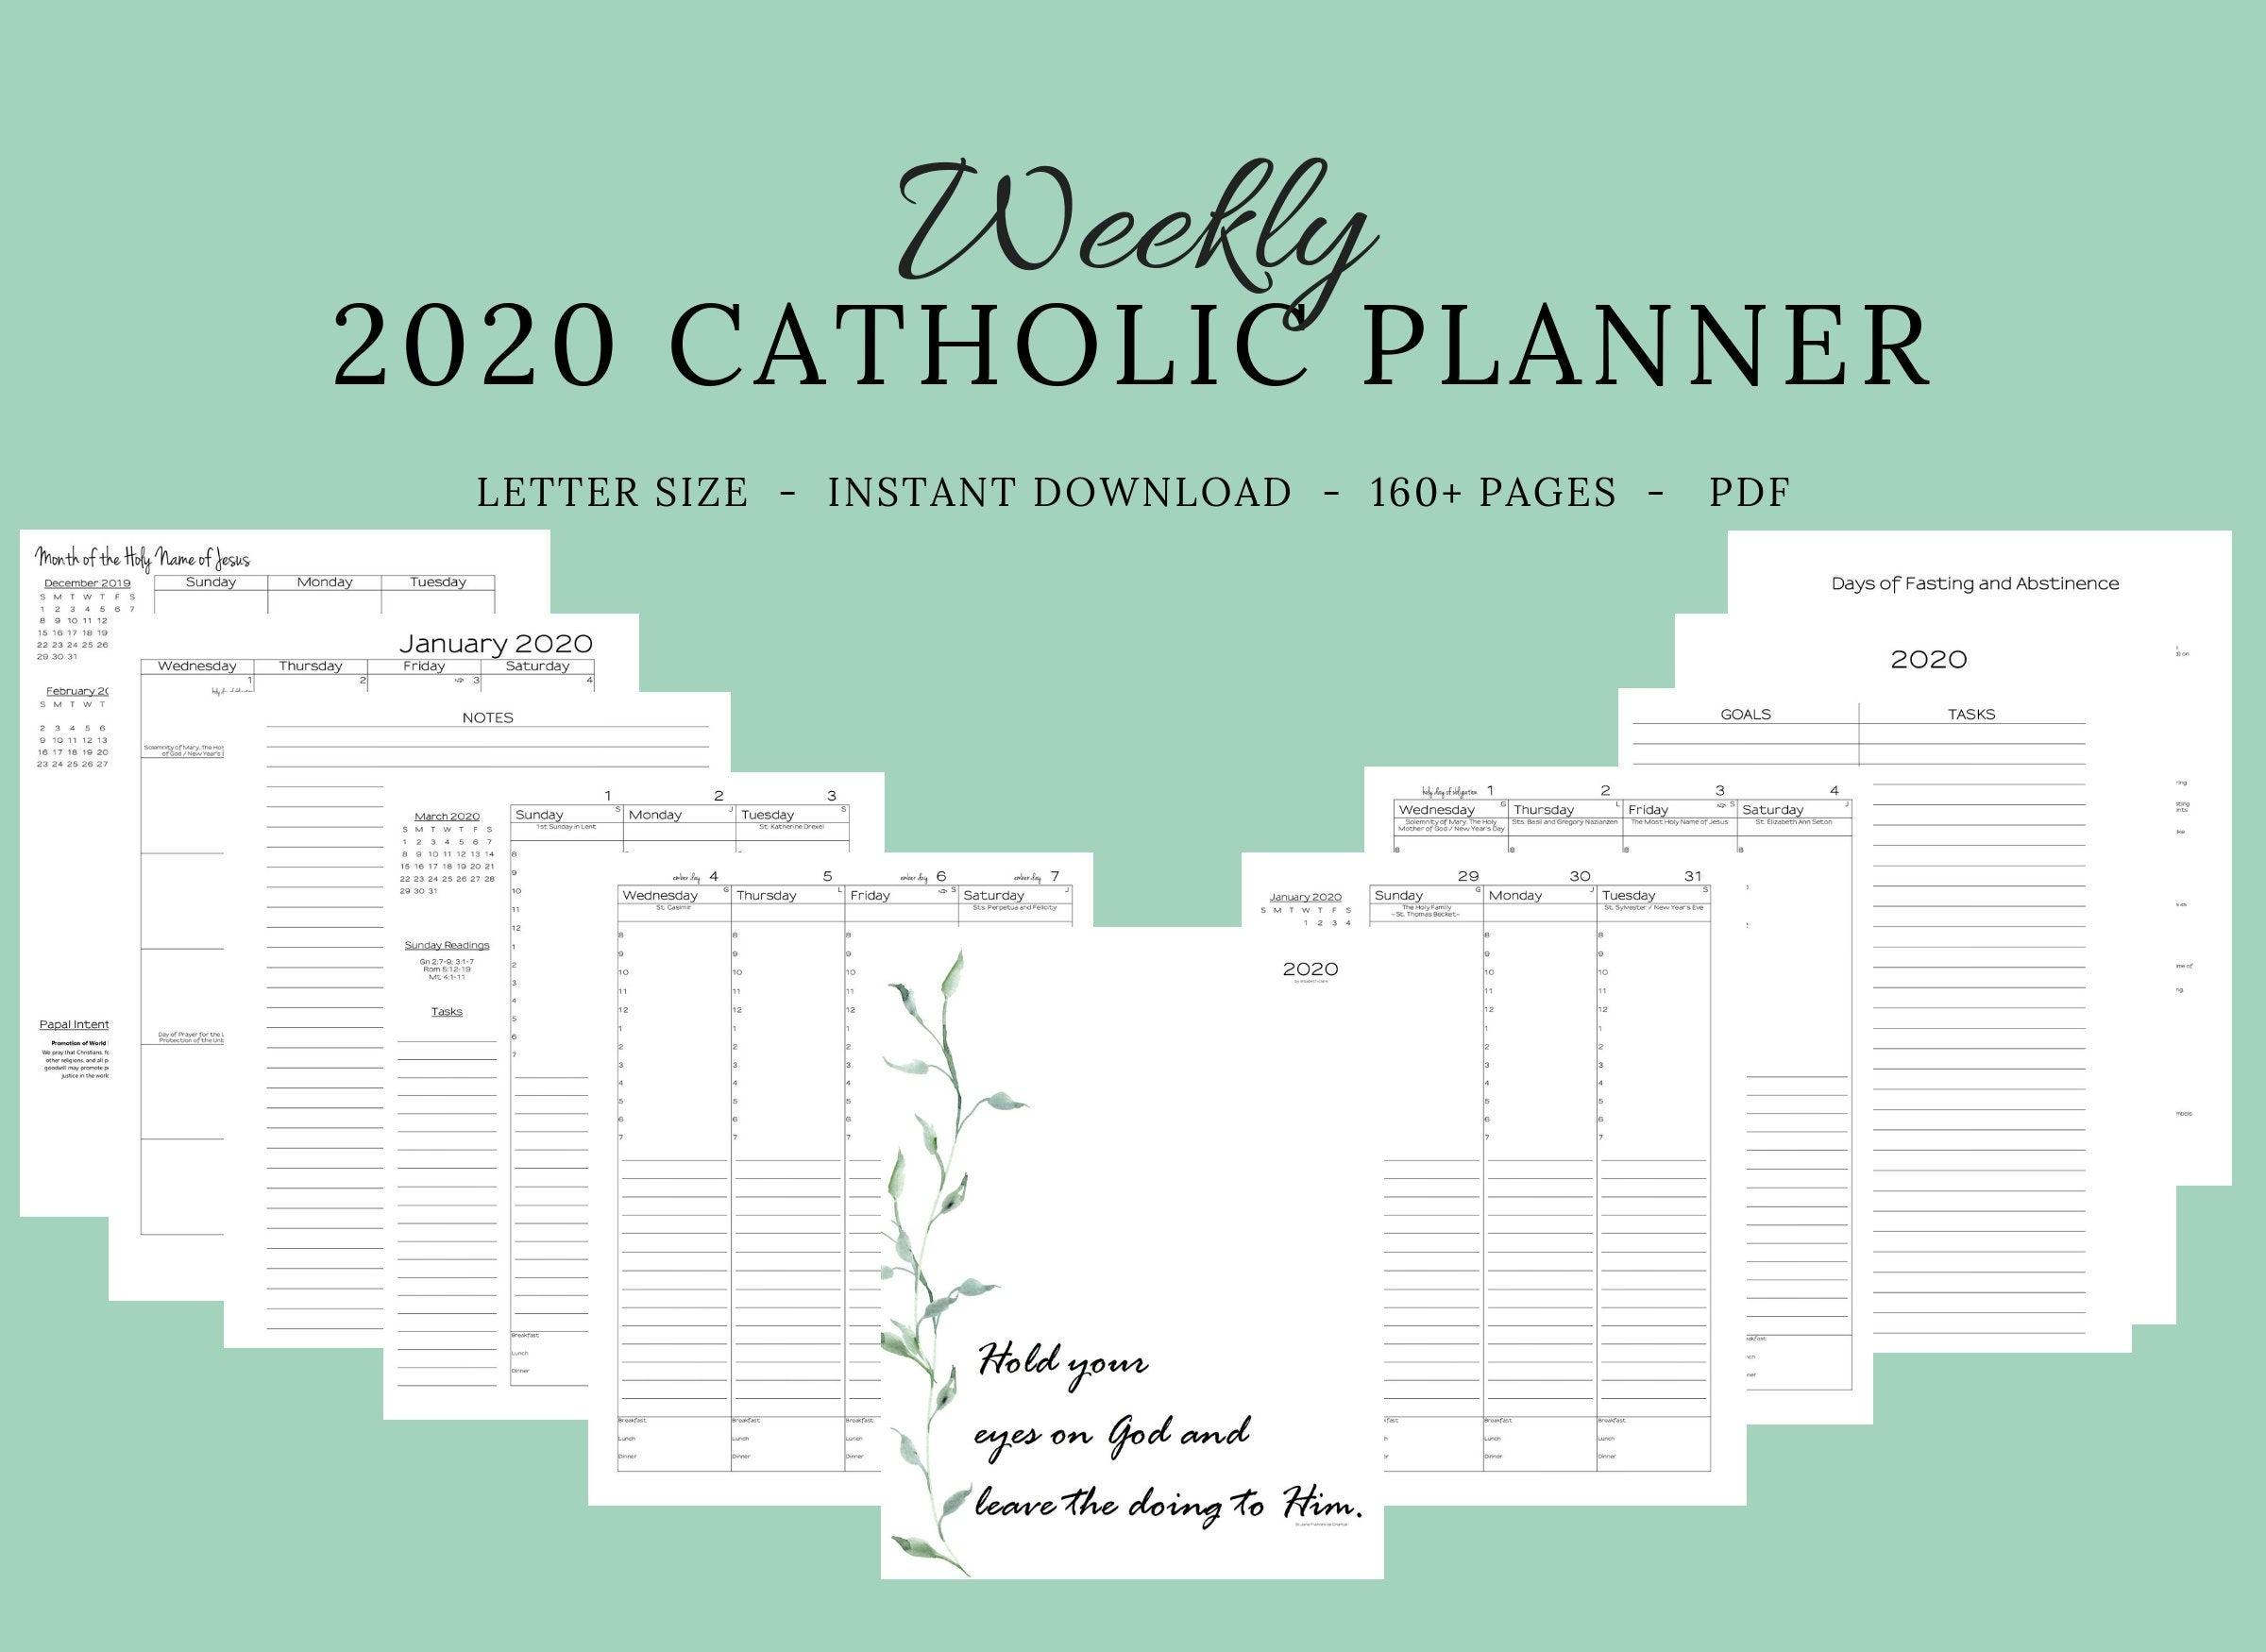 Catholic Liturgical Calendar 2020 Pdf - Calendar Inspiration for 2020 Catholic Liturgical Calendar Pdf